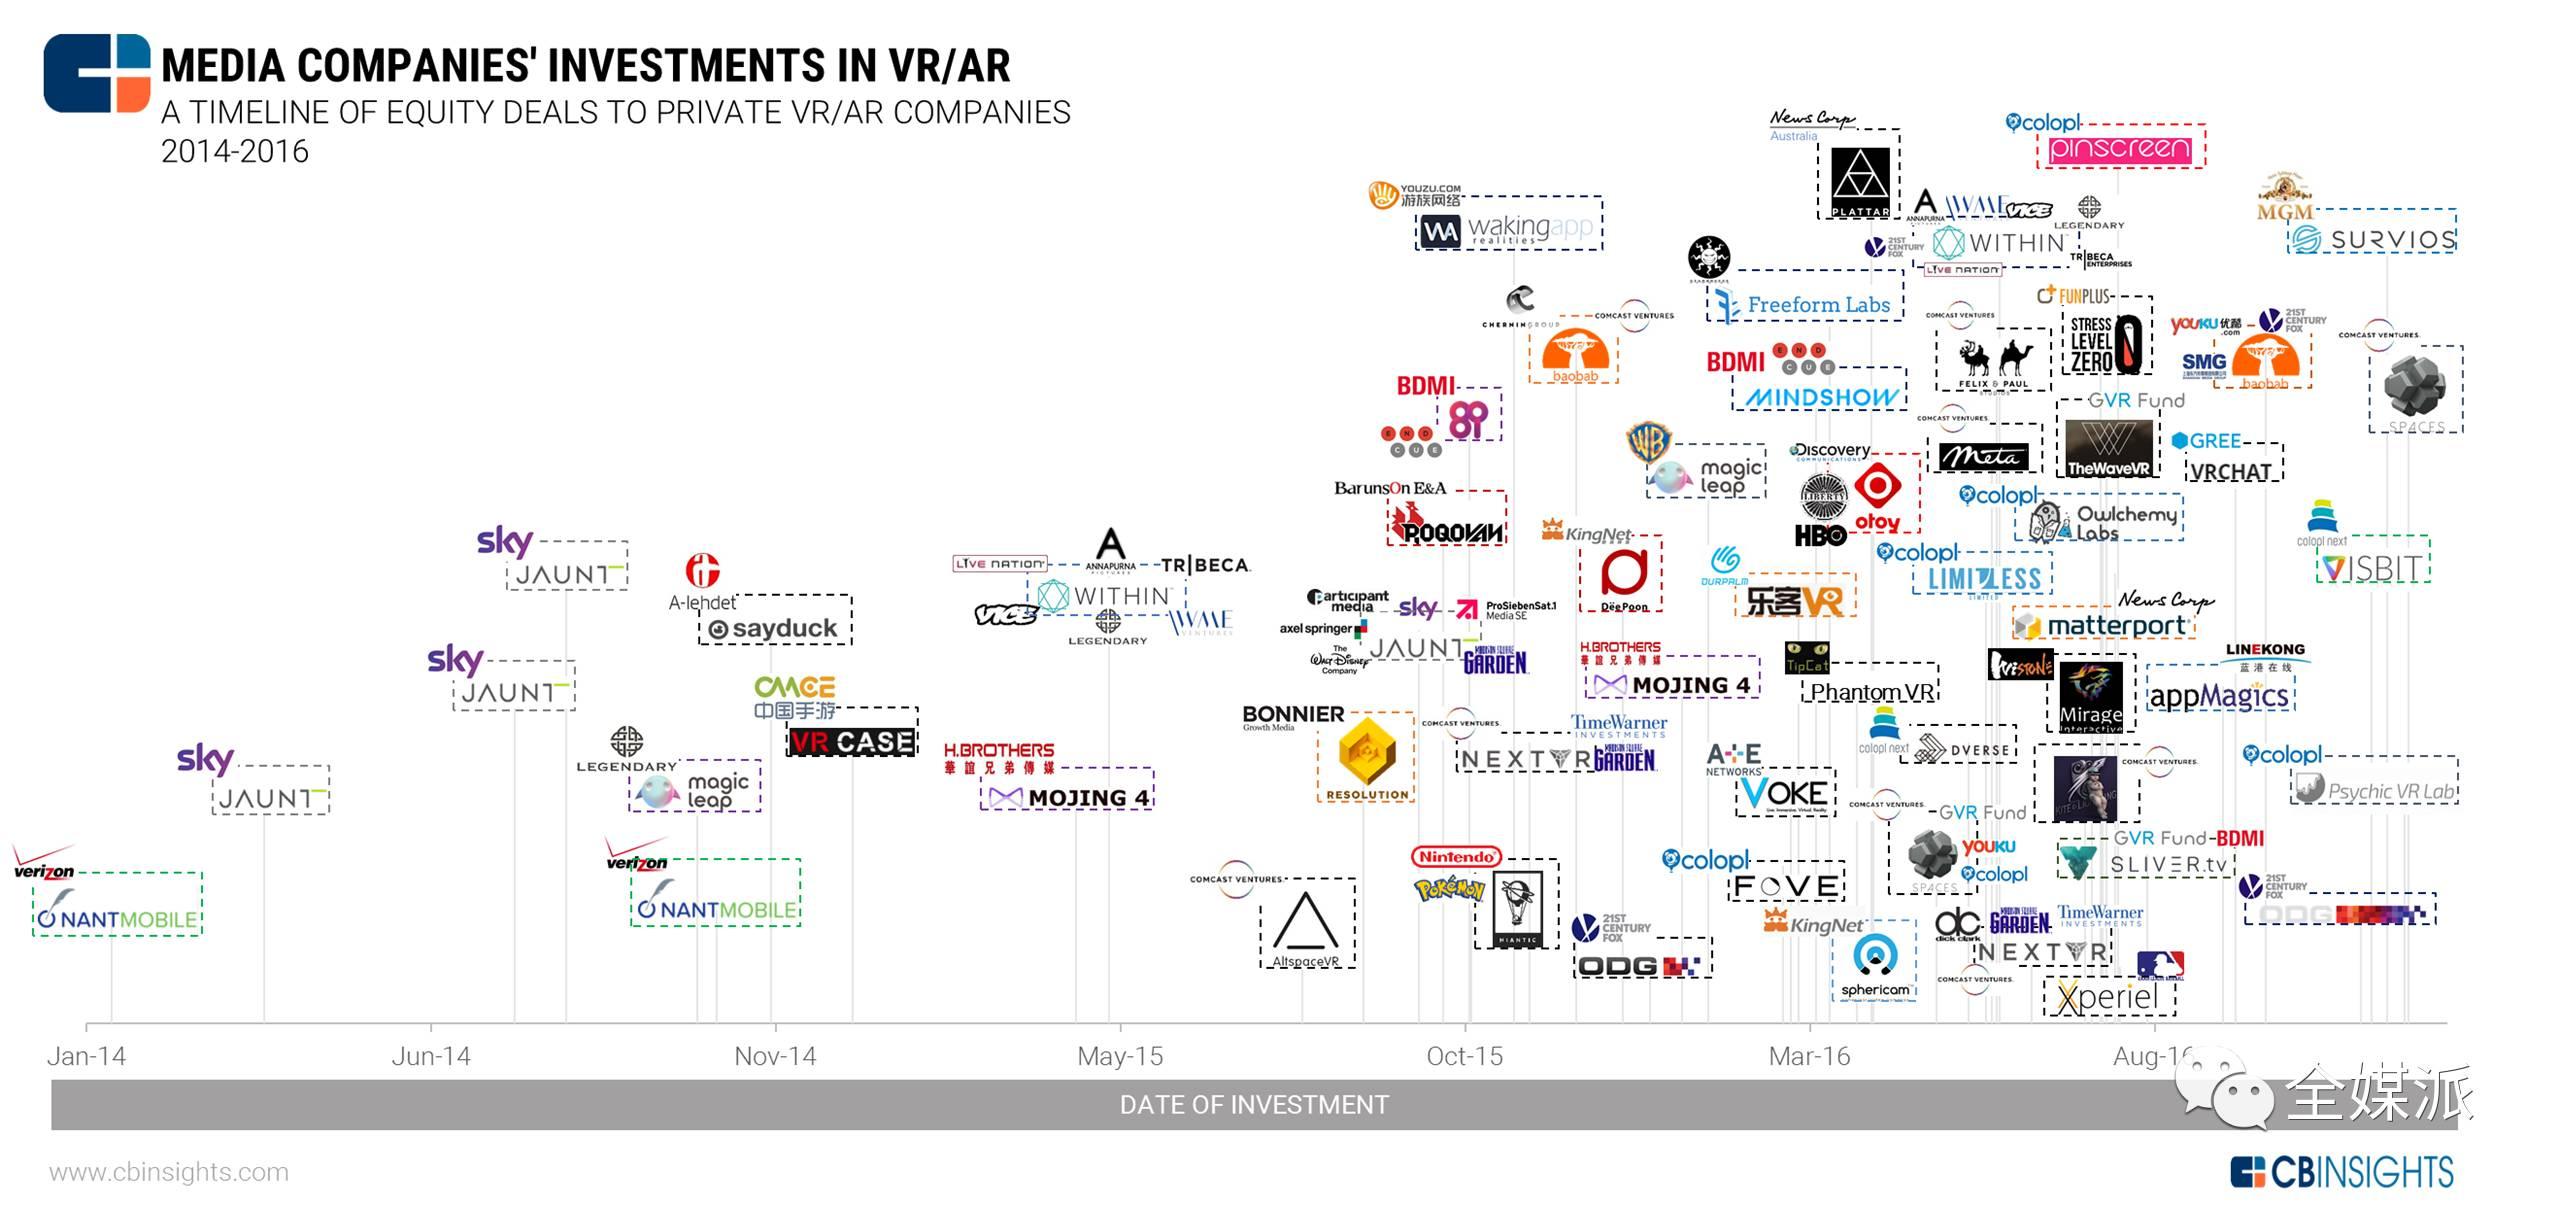 人不识货钱识货,这份全球大型媒体集团投资版图,带你找到真风口